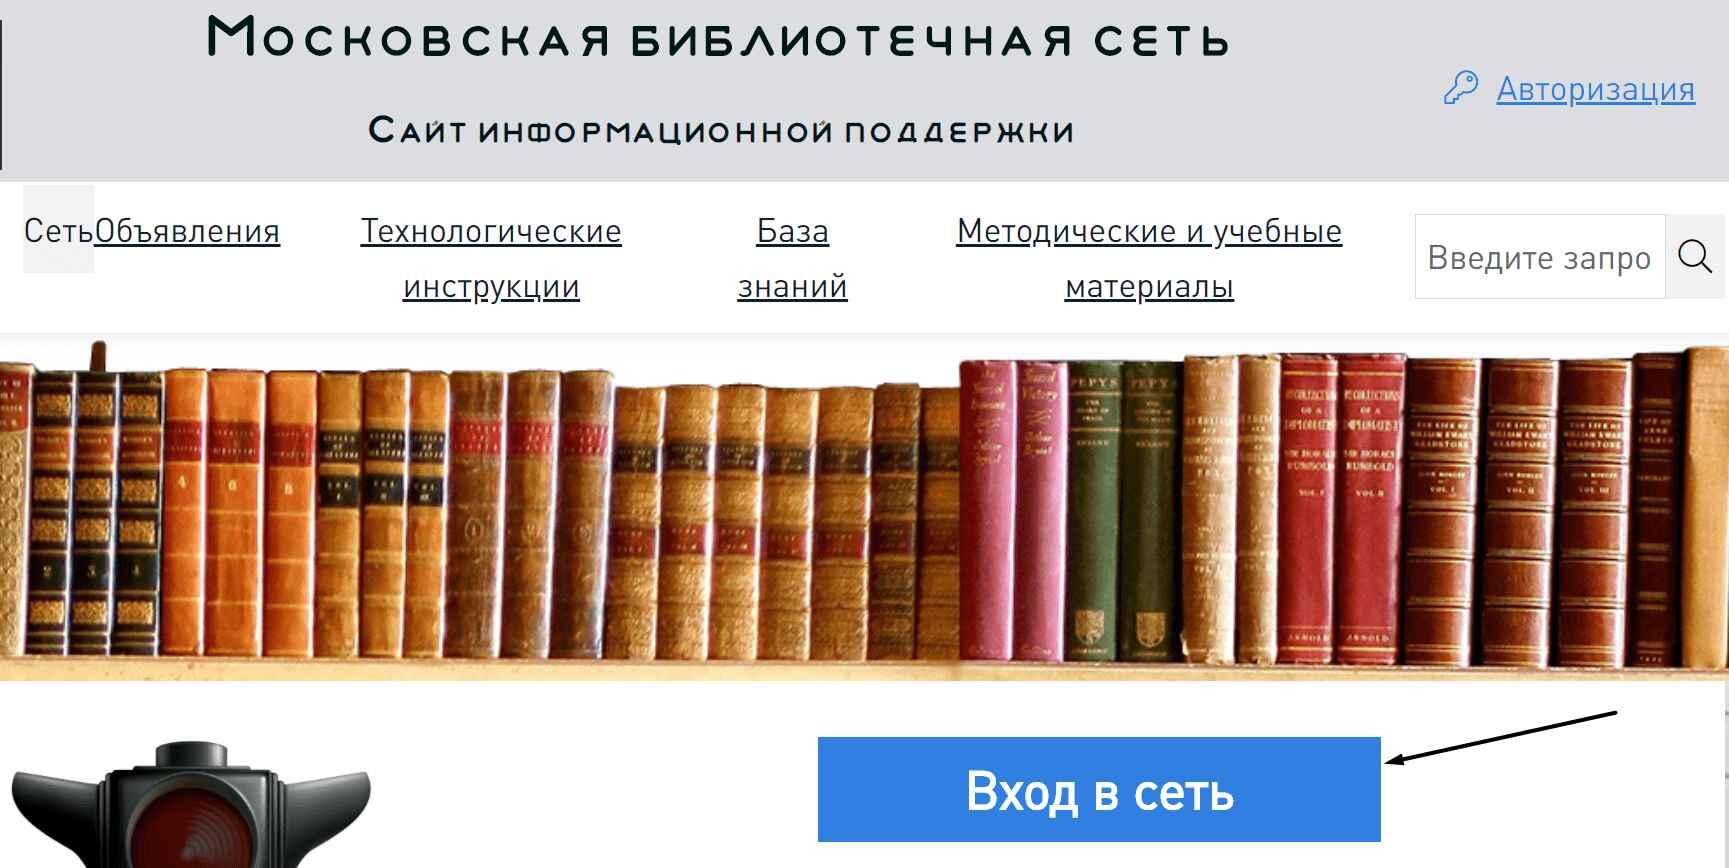 Ссылка на сайт «Lib Mos Ru»